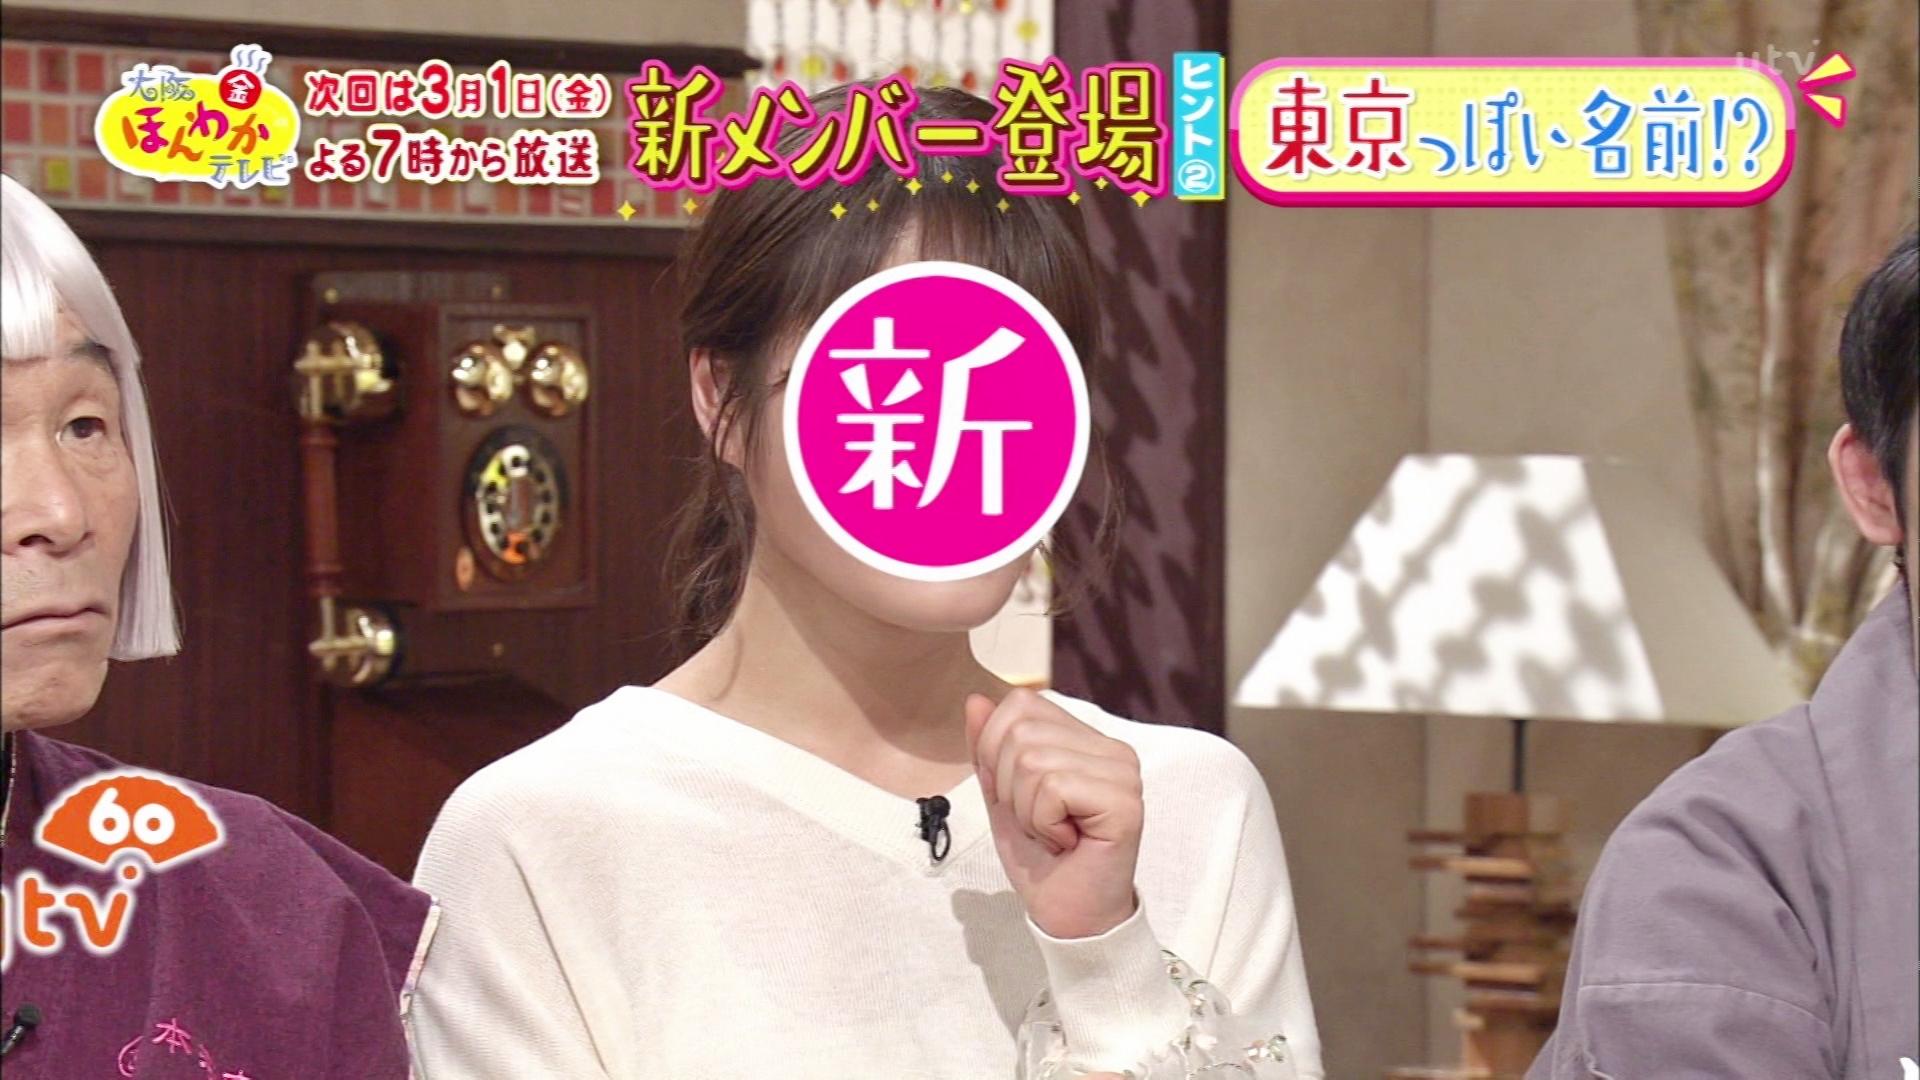 大阪ほんわかテレビ新メンバーヒント画像